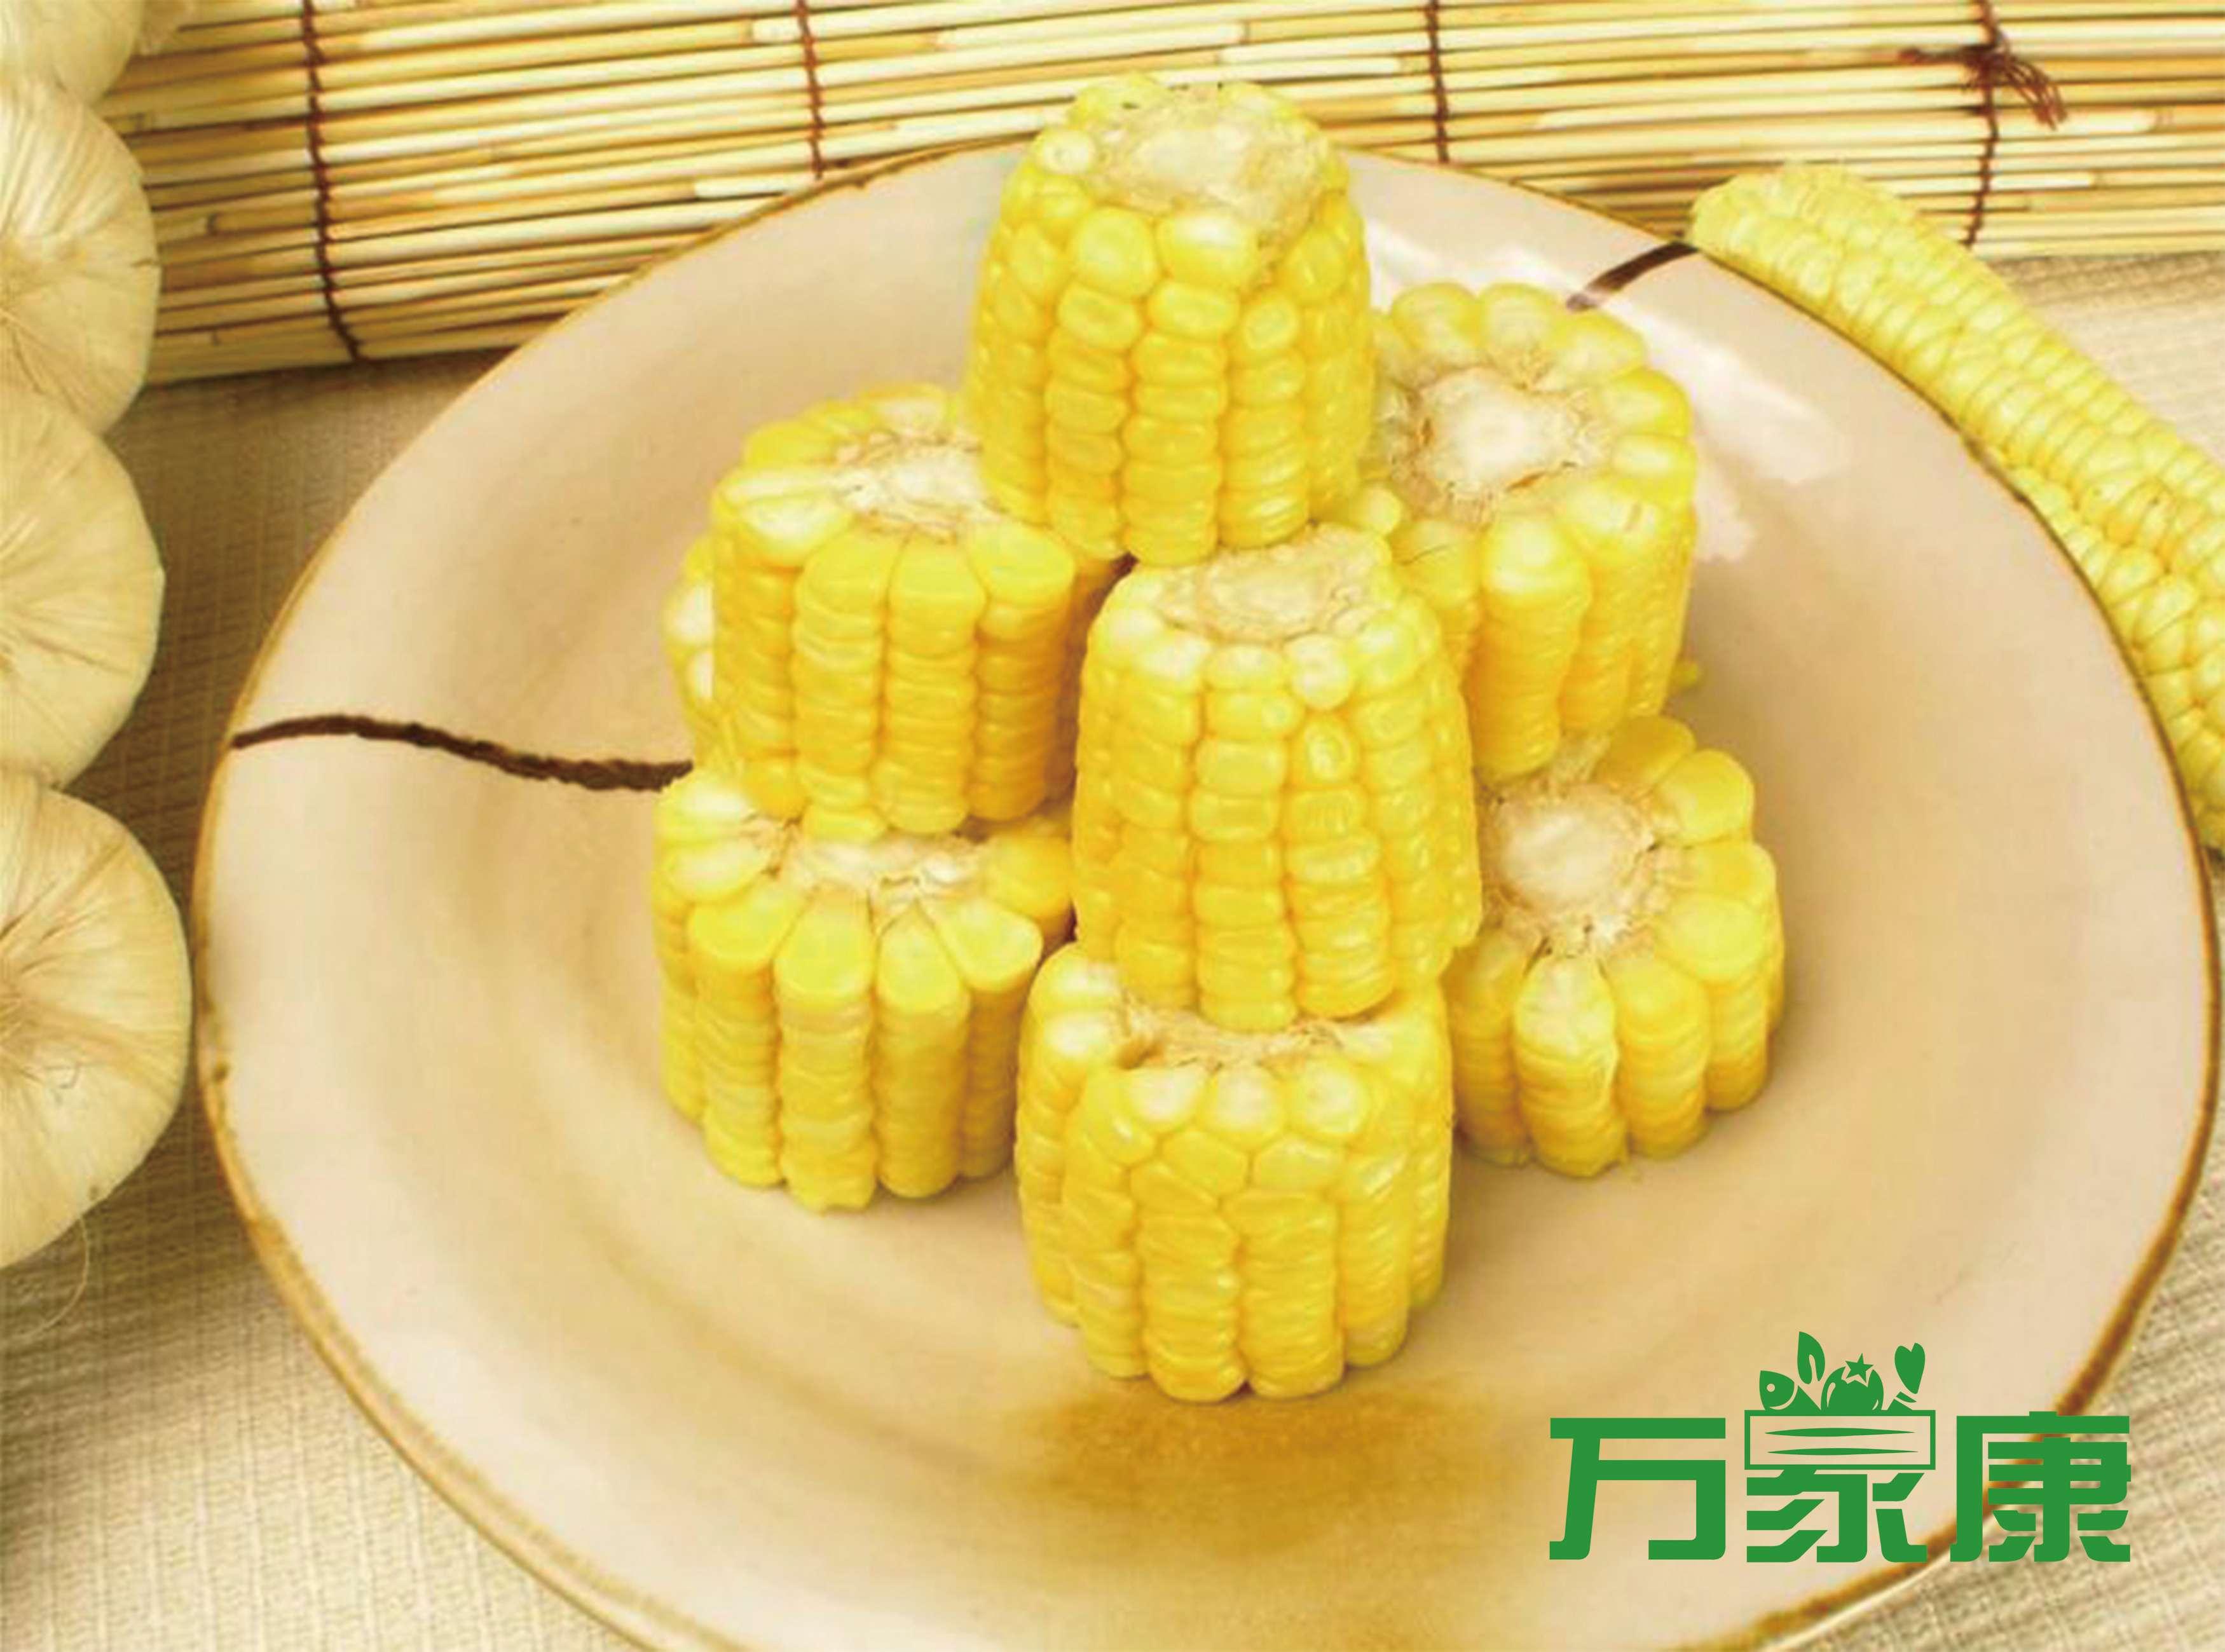 水果玉米冷链s9lol竞猜平台,预冷是关键